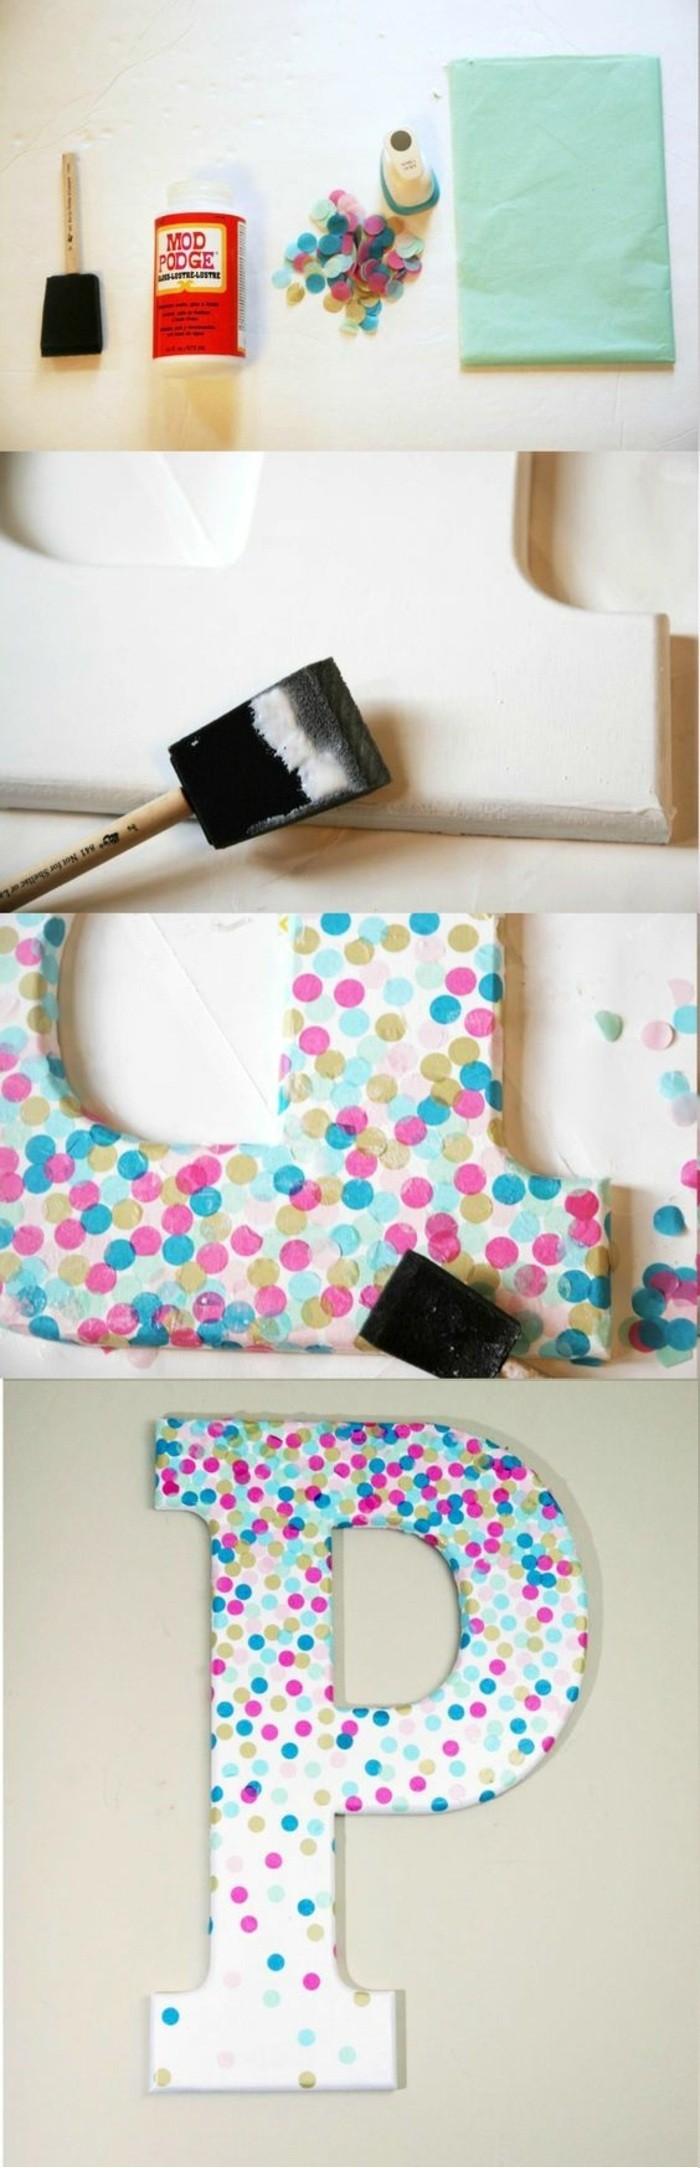 idée de bricolage avec lettres murales et pois colorés, fabriquer soi-même sa déco murale